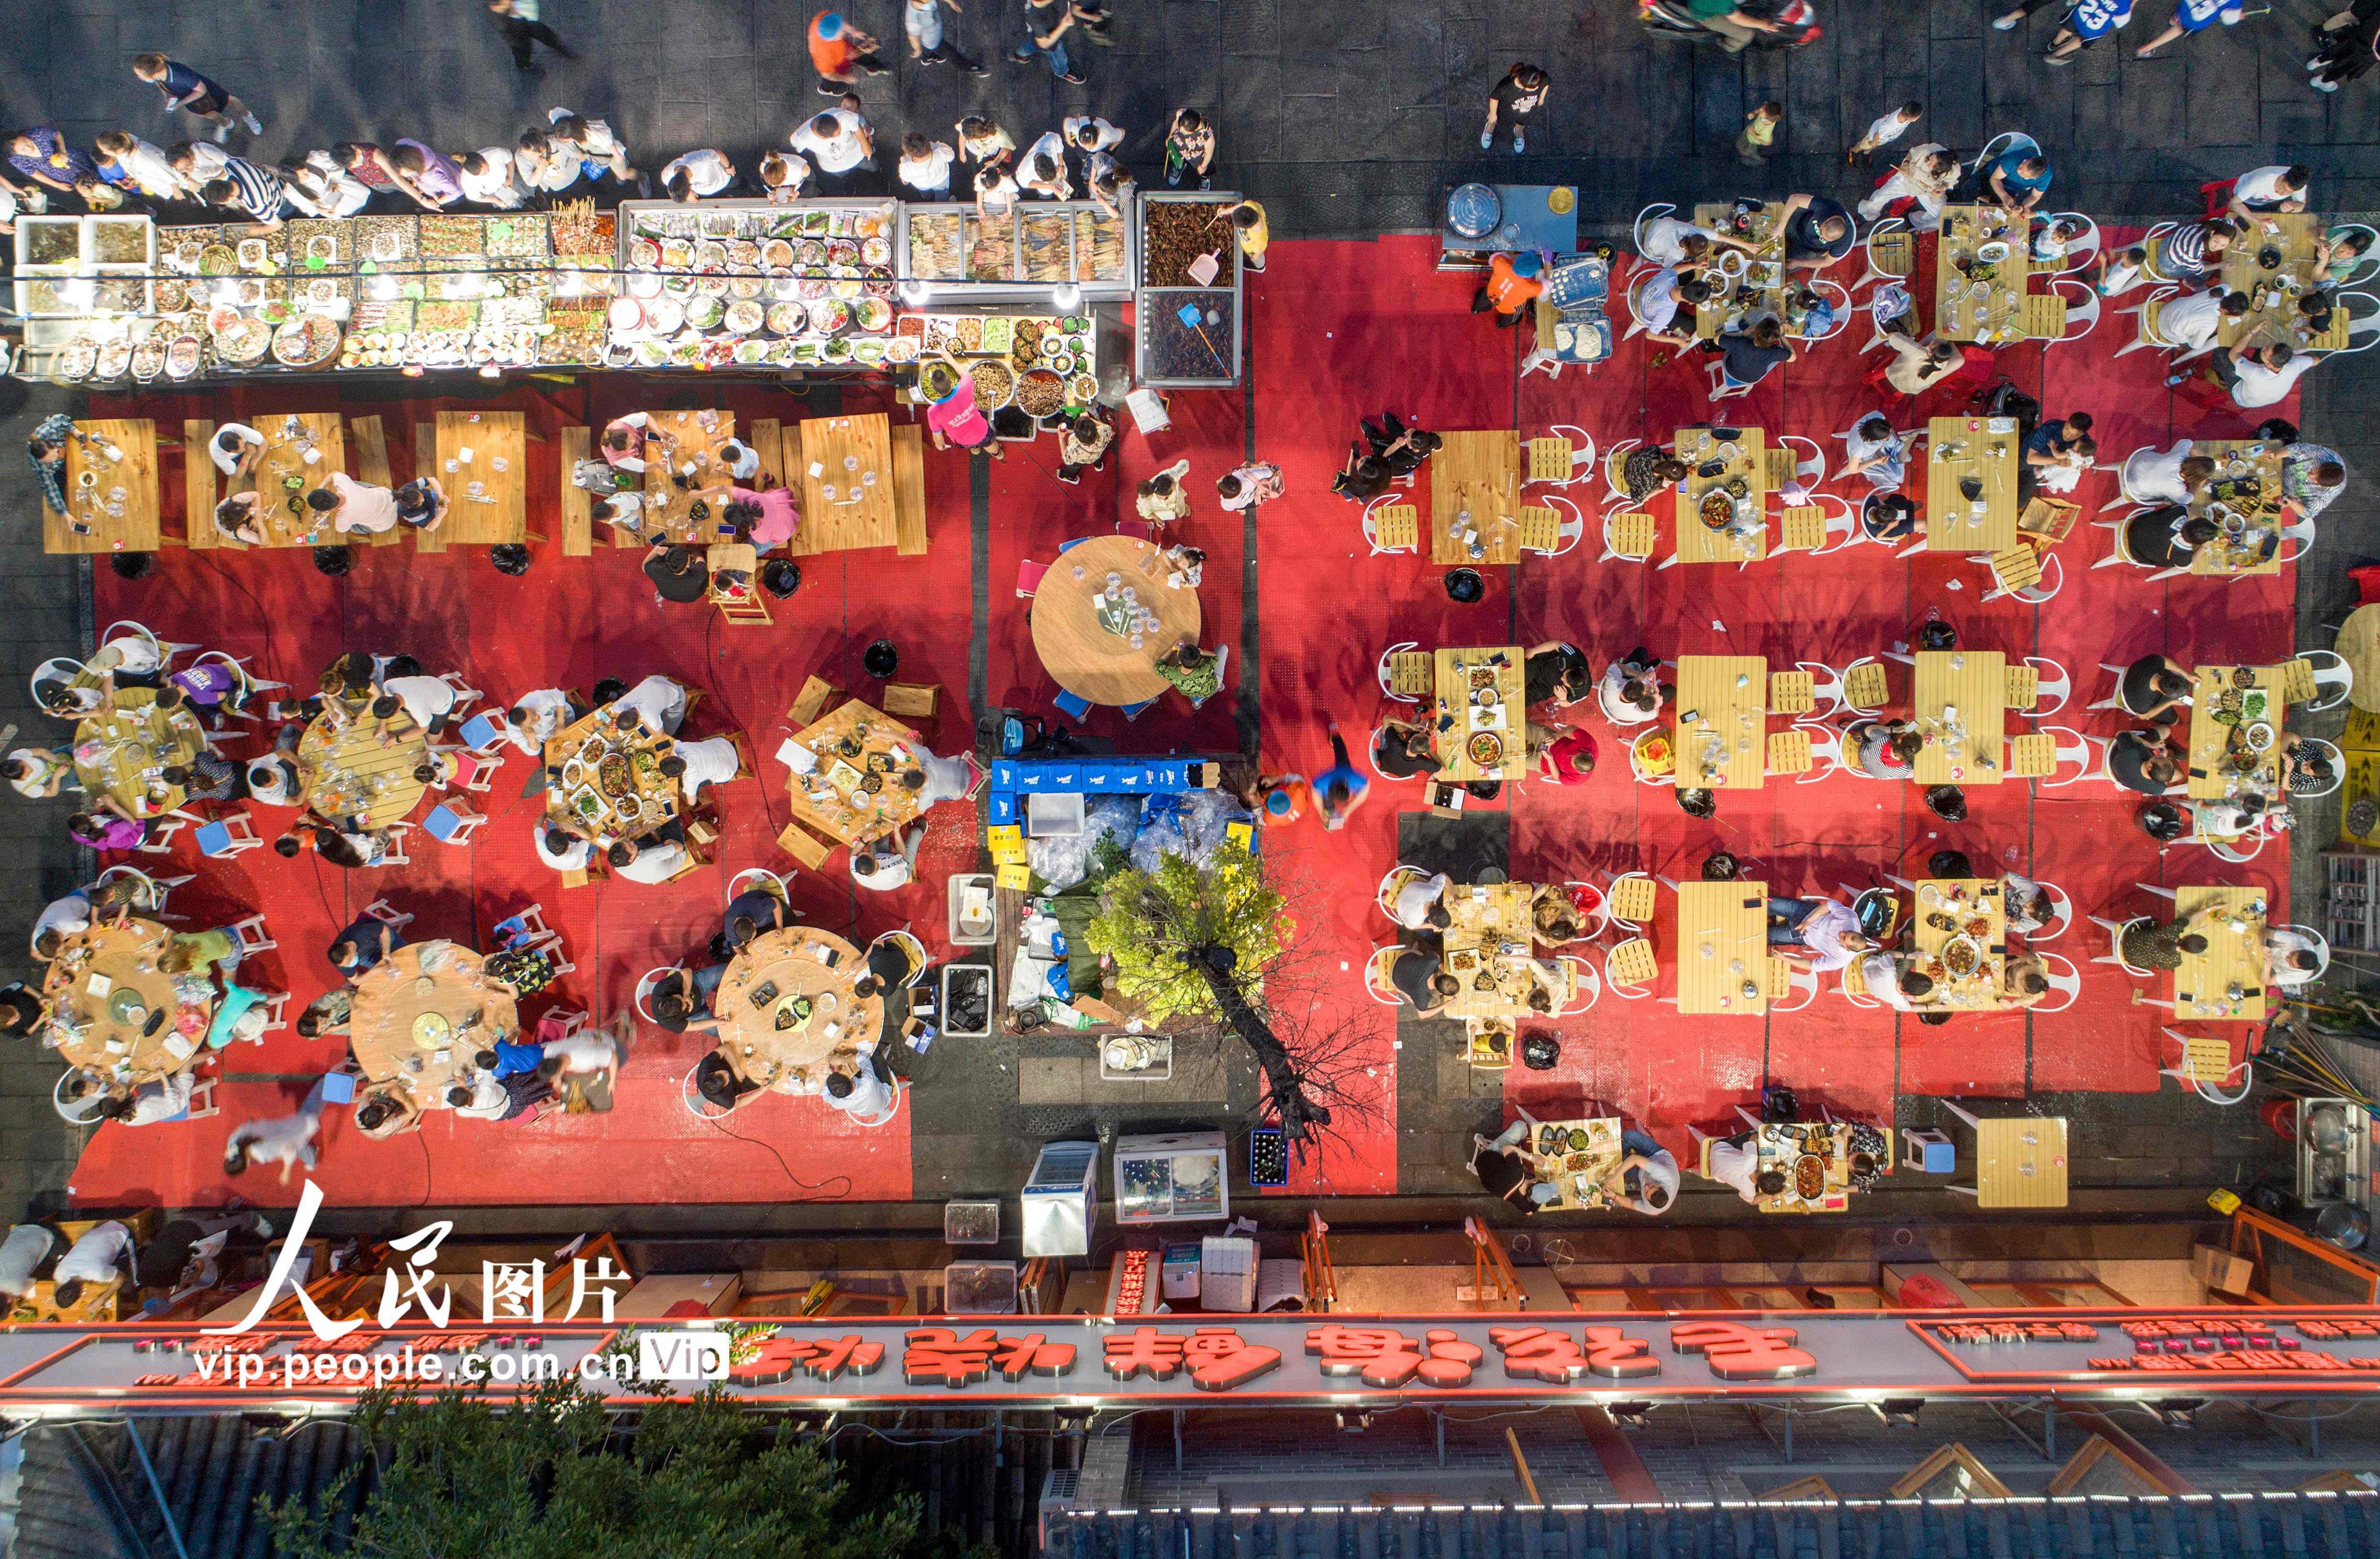 2020年6月6日晚,市民在江苏省连云港市海州区盐河巷夜市排档消费。